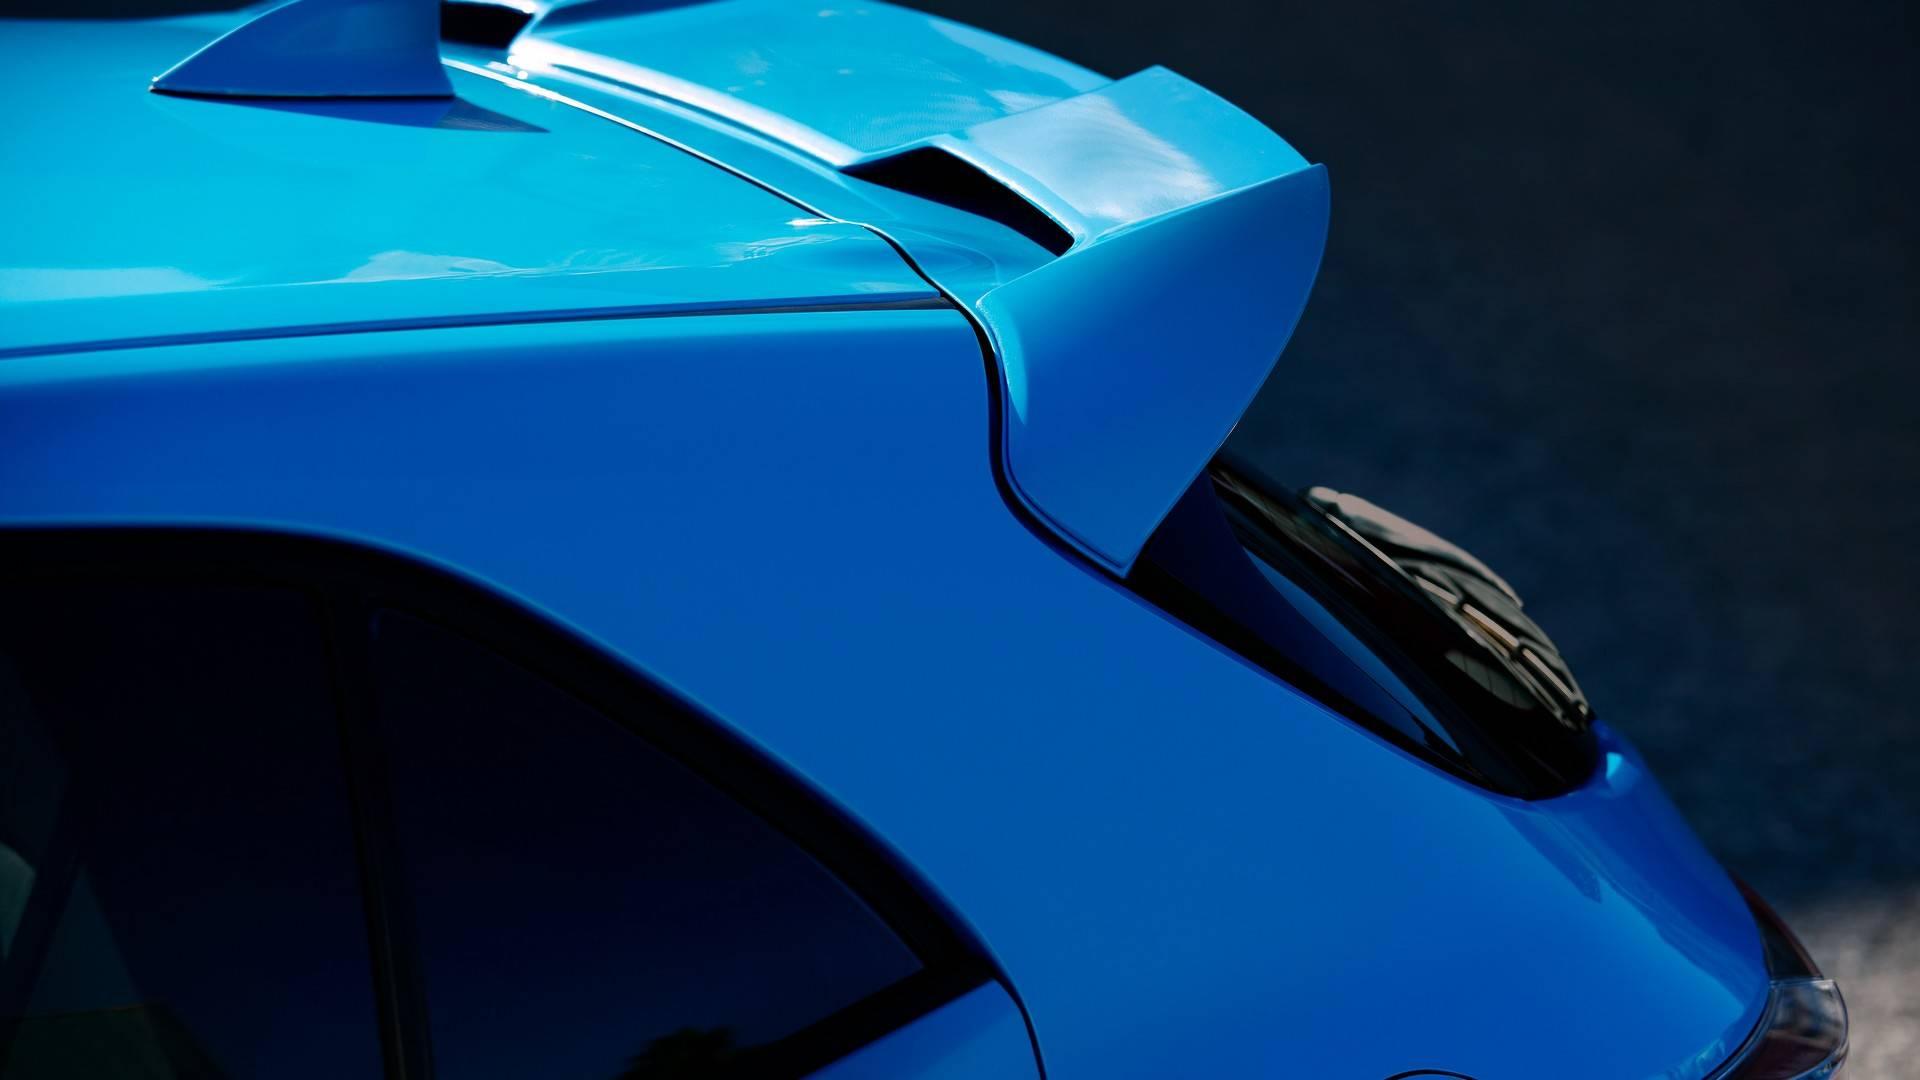 2019_Toyota_Corolla_Hatchback_0012